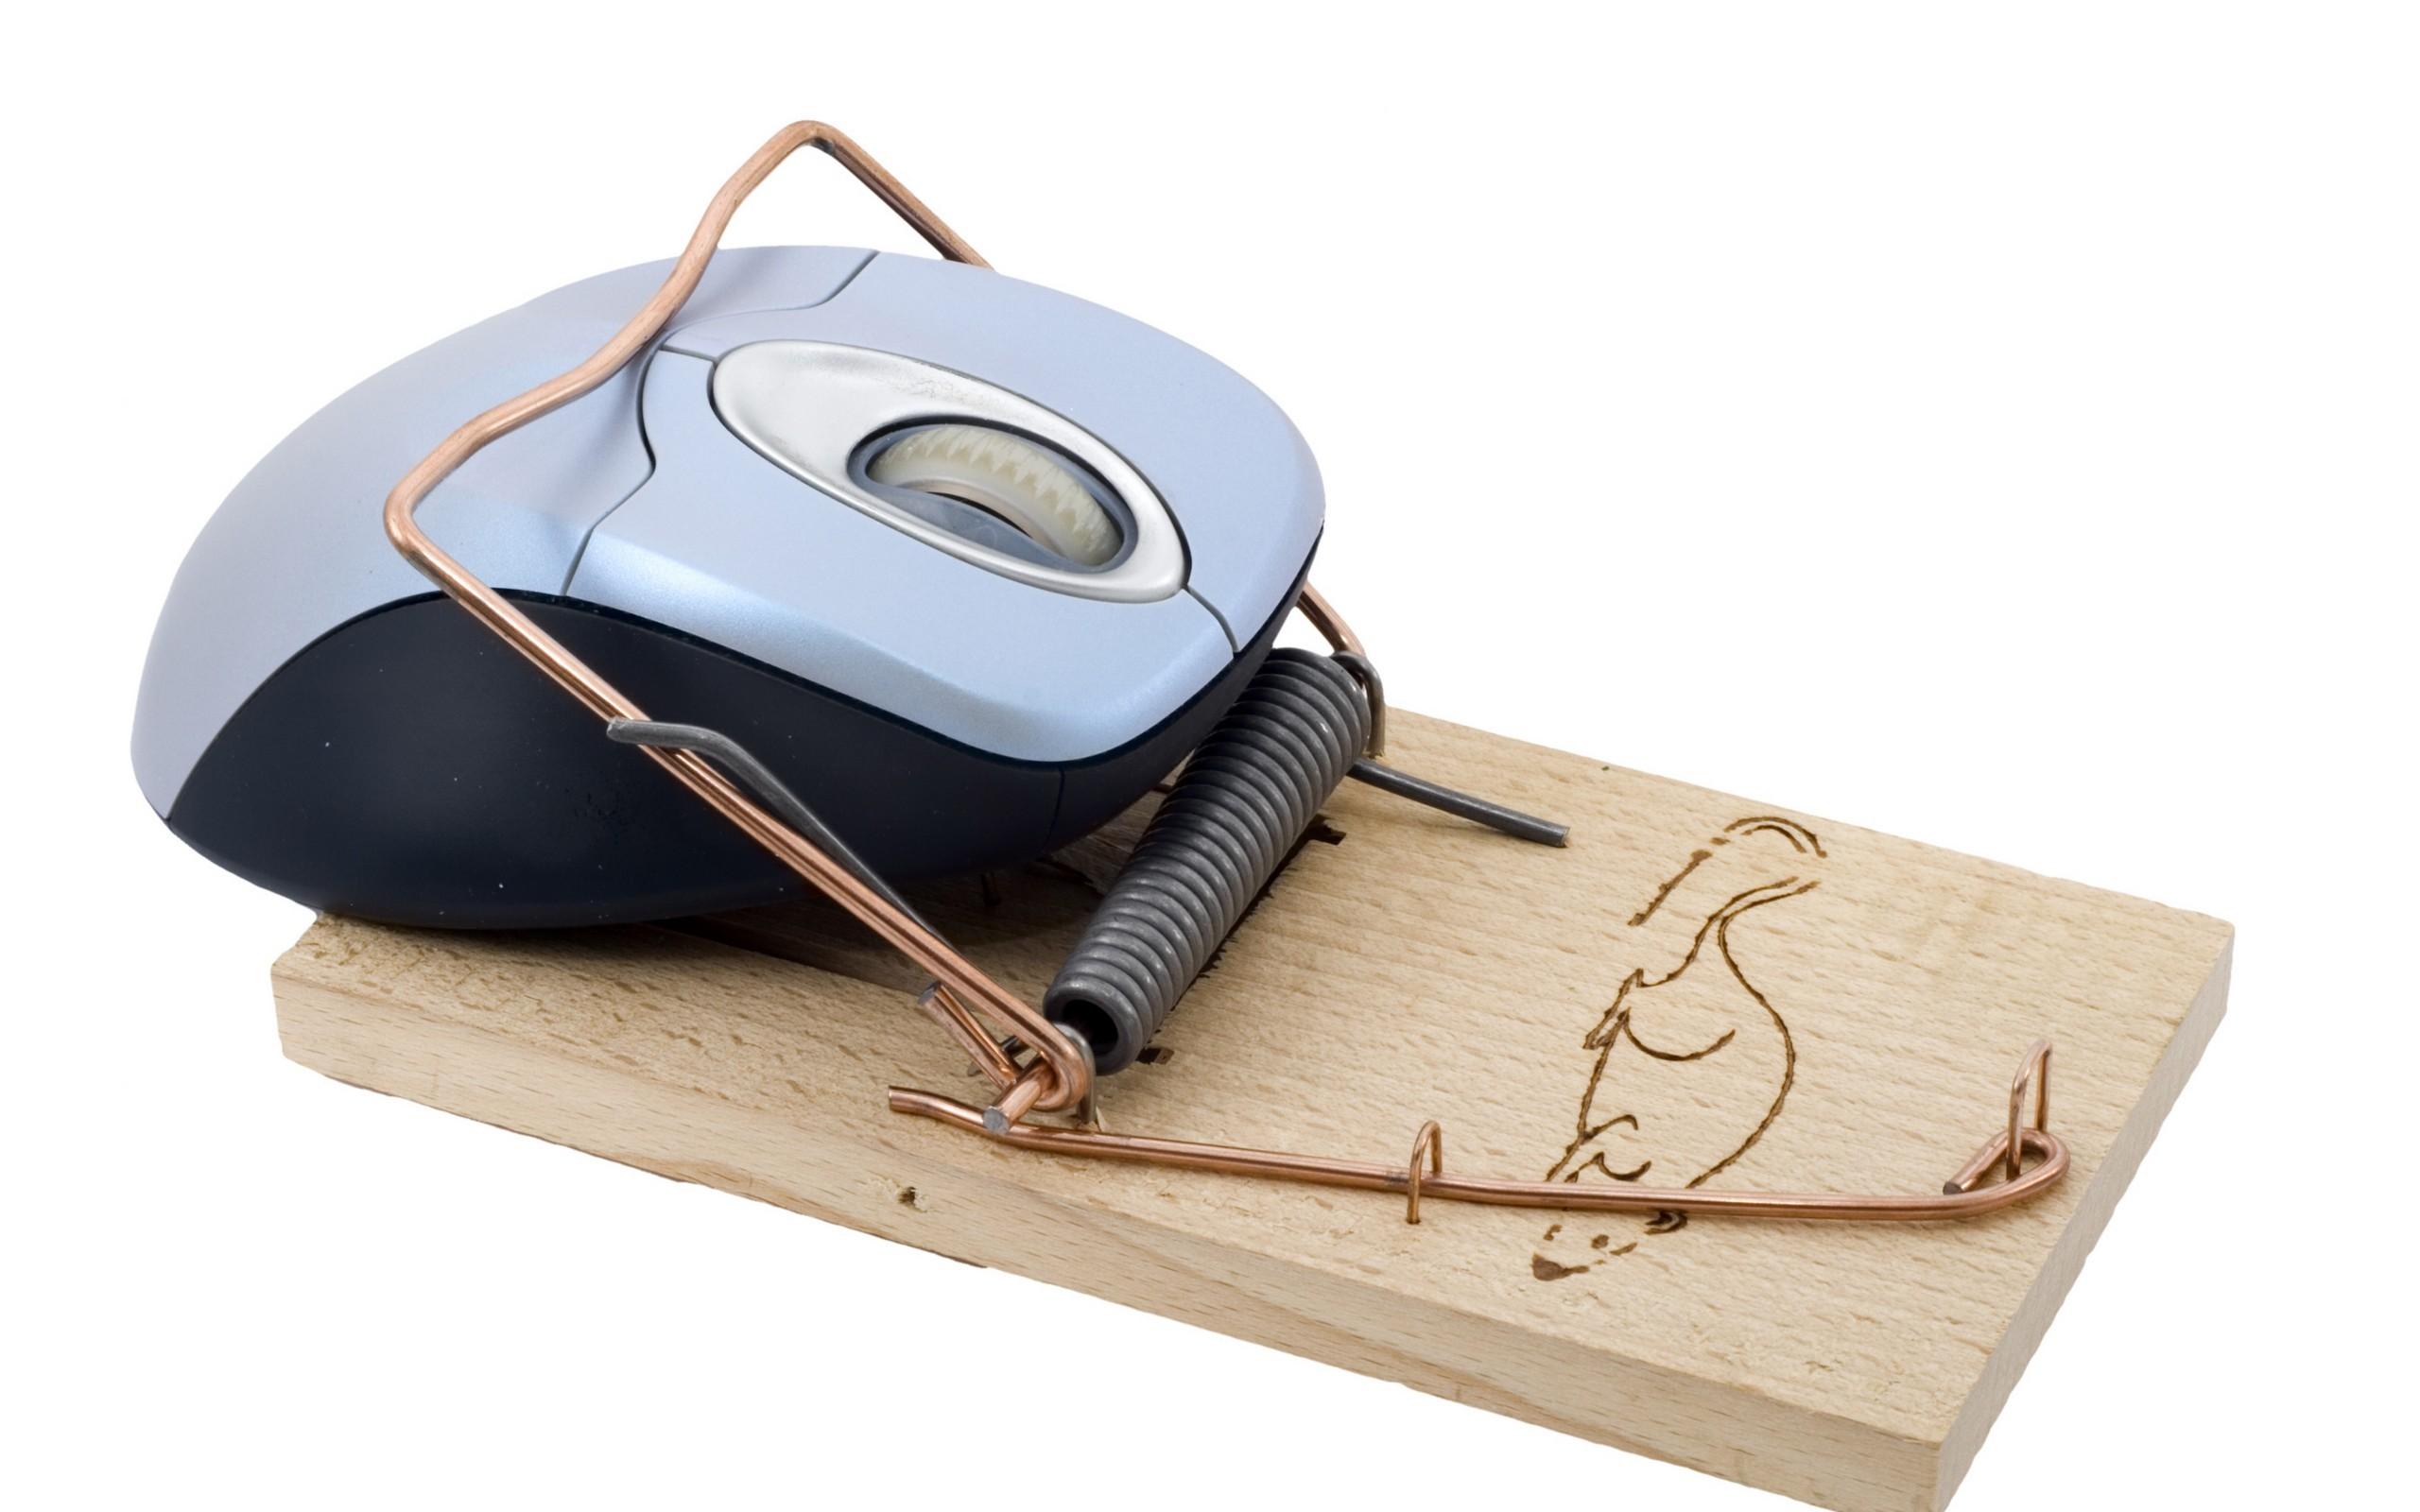 Trampa para ratones - 2560x1600